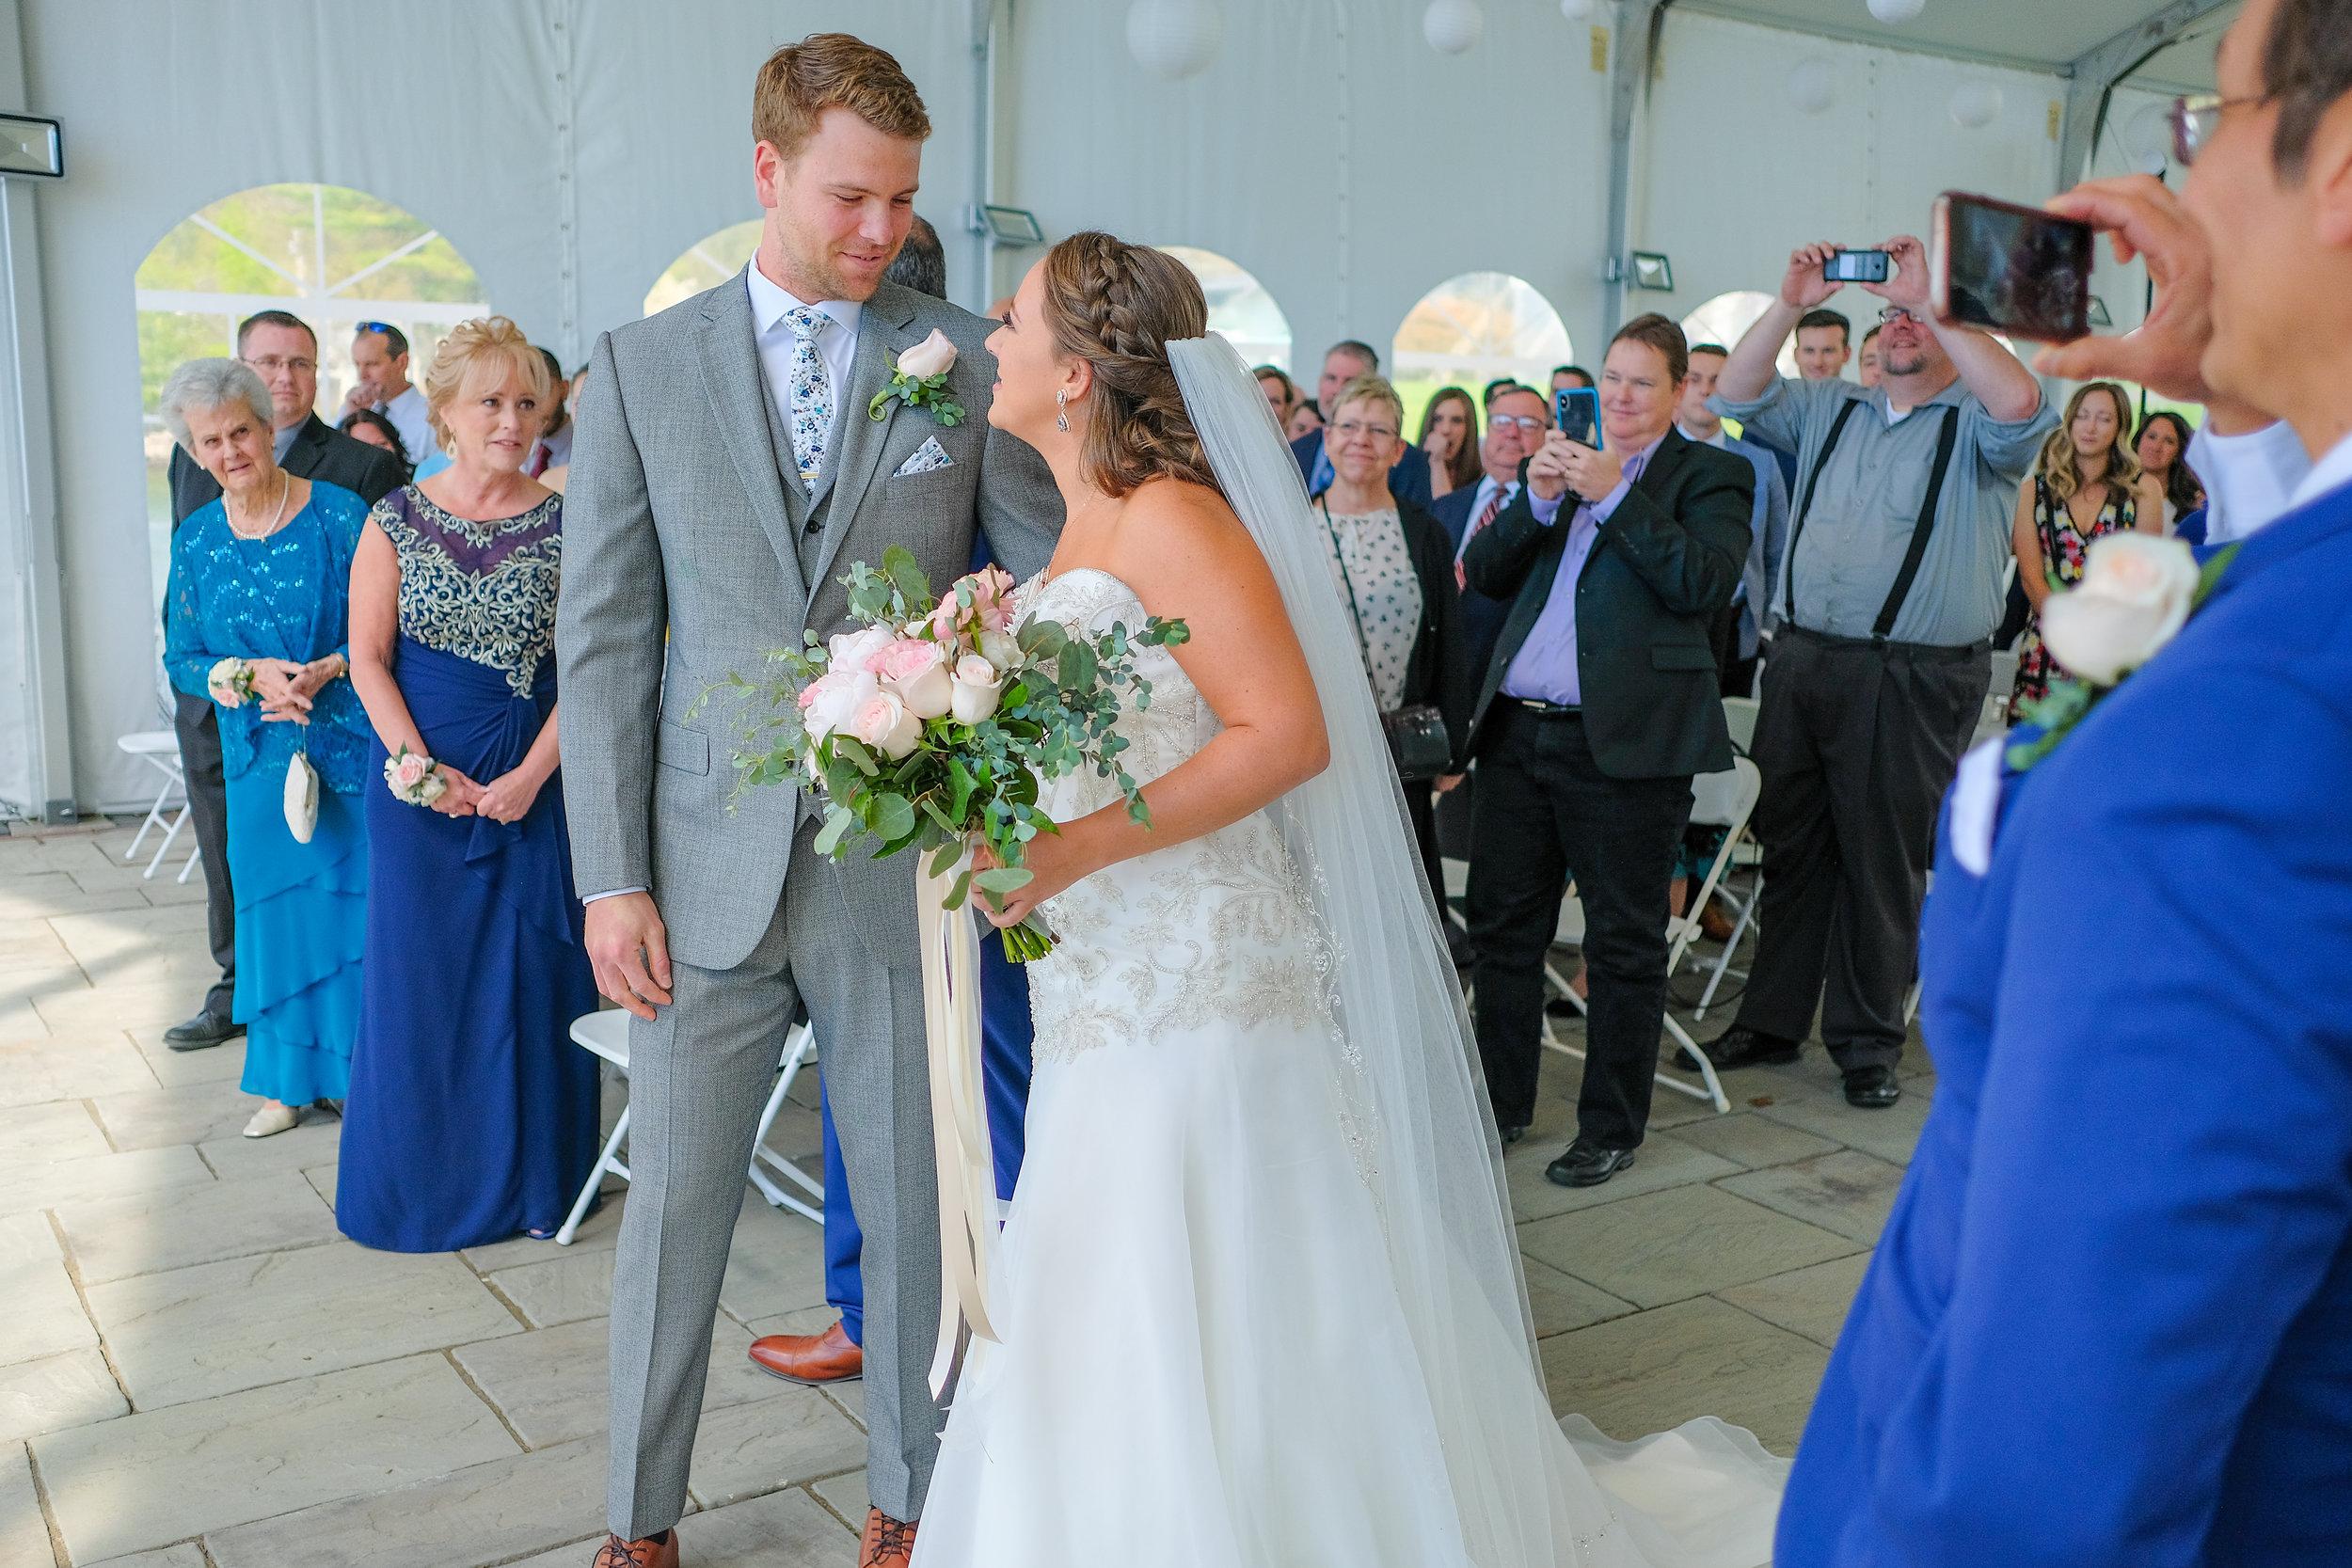 laconia-margate-wedding-photography-222.jpg